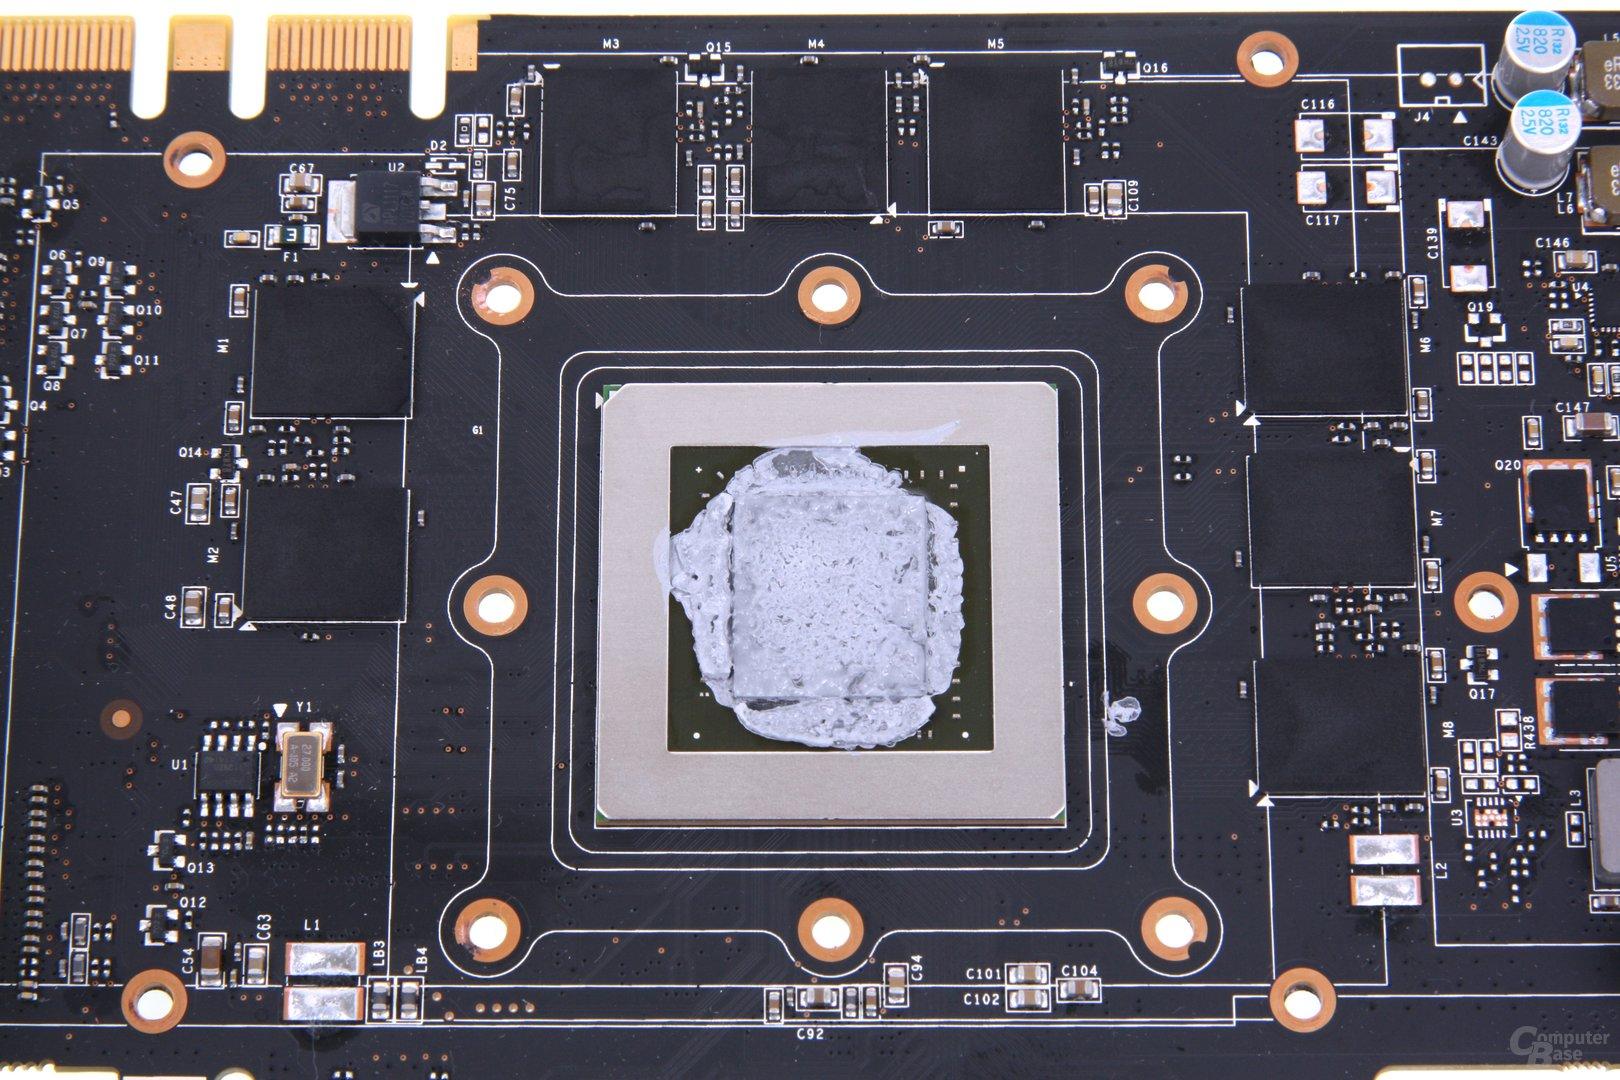 GeForce GTX 670 AMP! GPU und Speicher